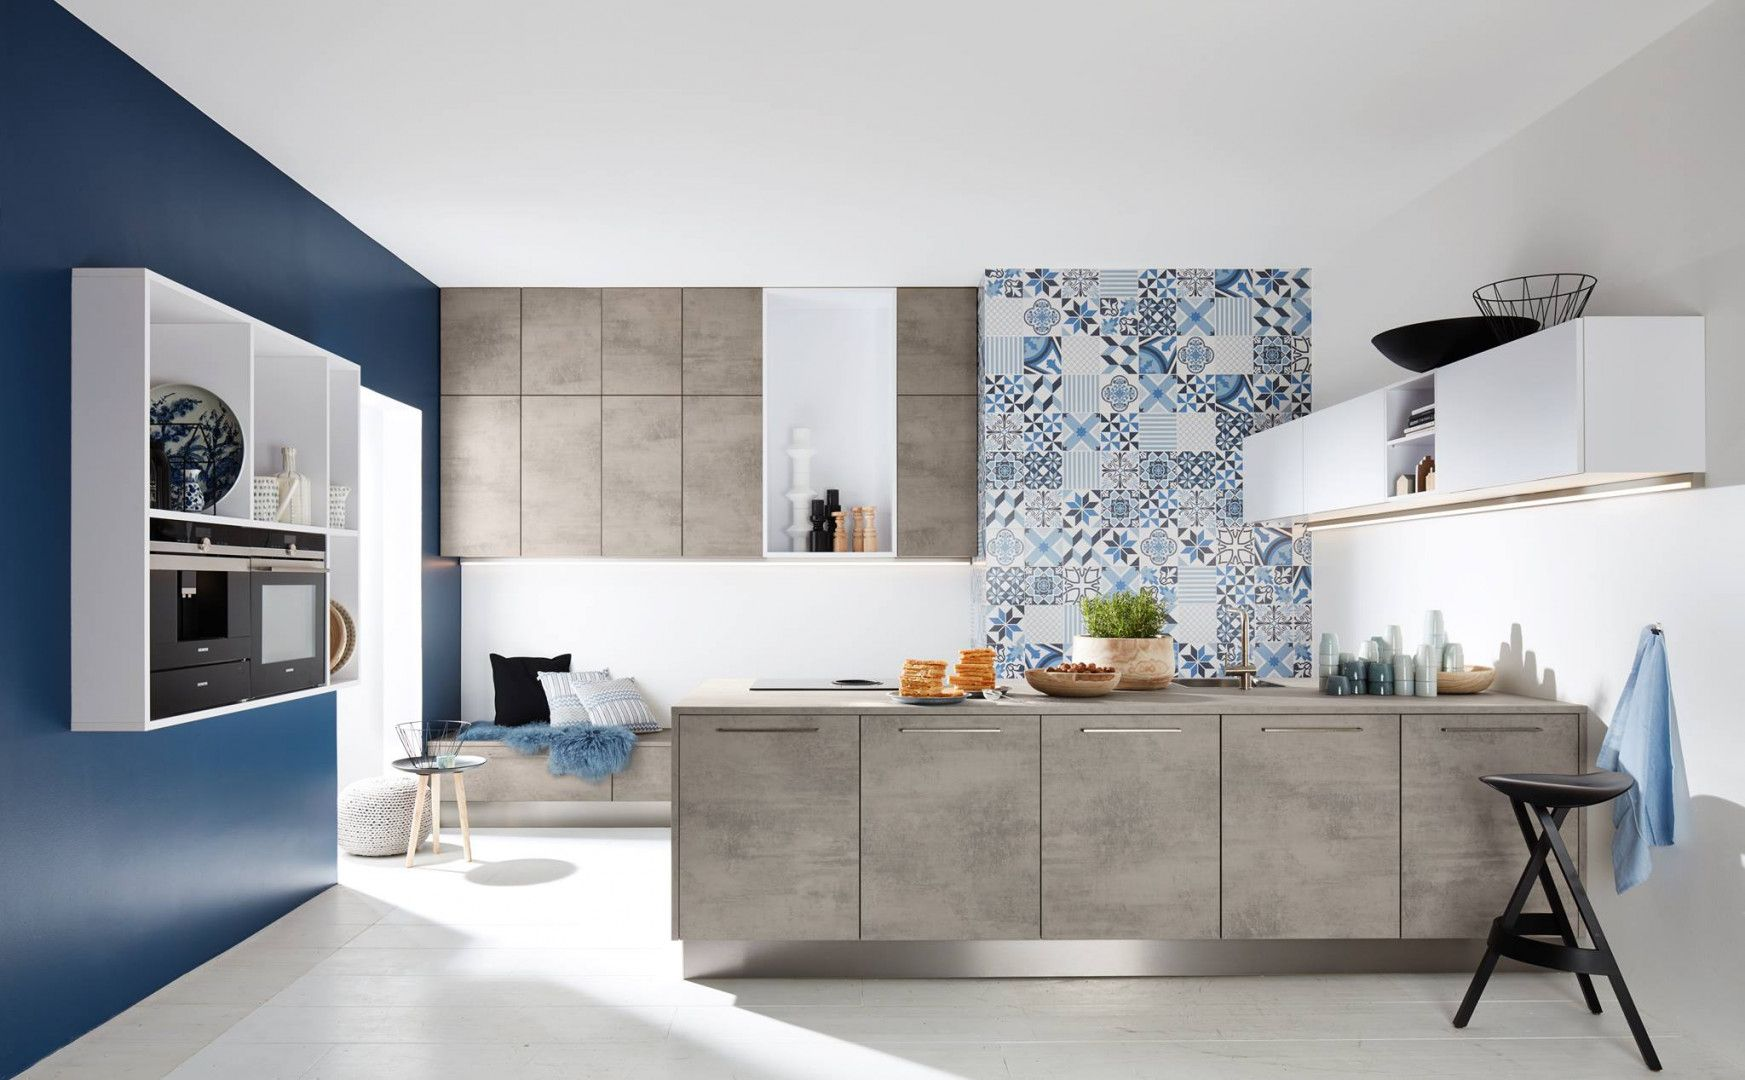 Szare fronty szafek półwyspu kuchennego nawiązują do modnej stylistyki imitującej beton. Idealnie współgrają z majoliką na ścianie. Fot. Nolte Kuchen